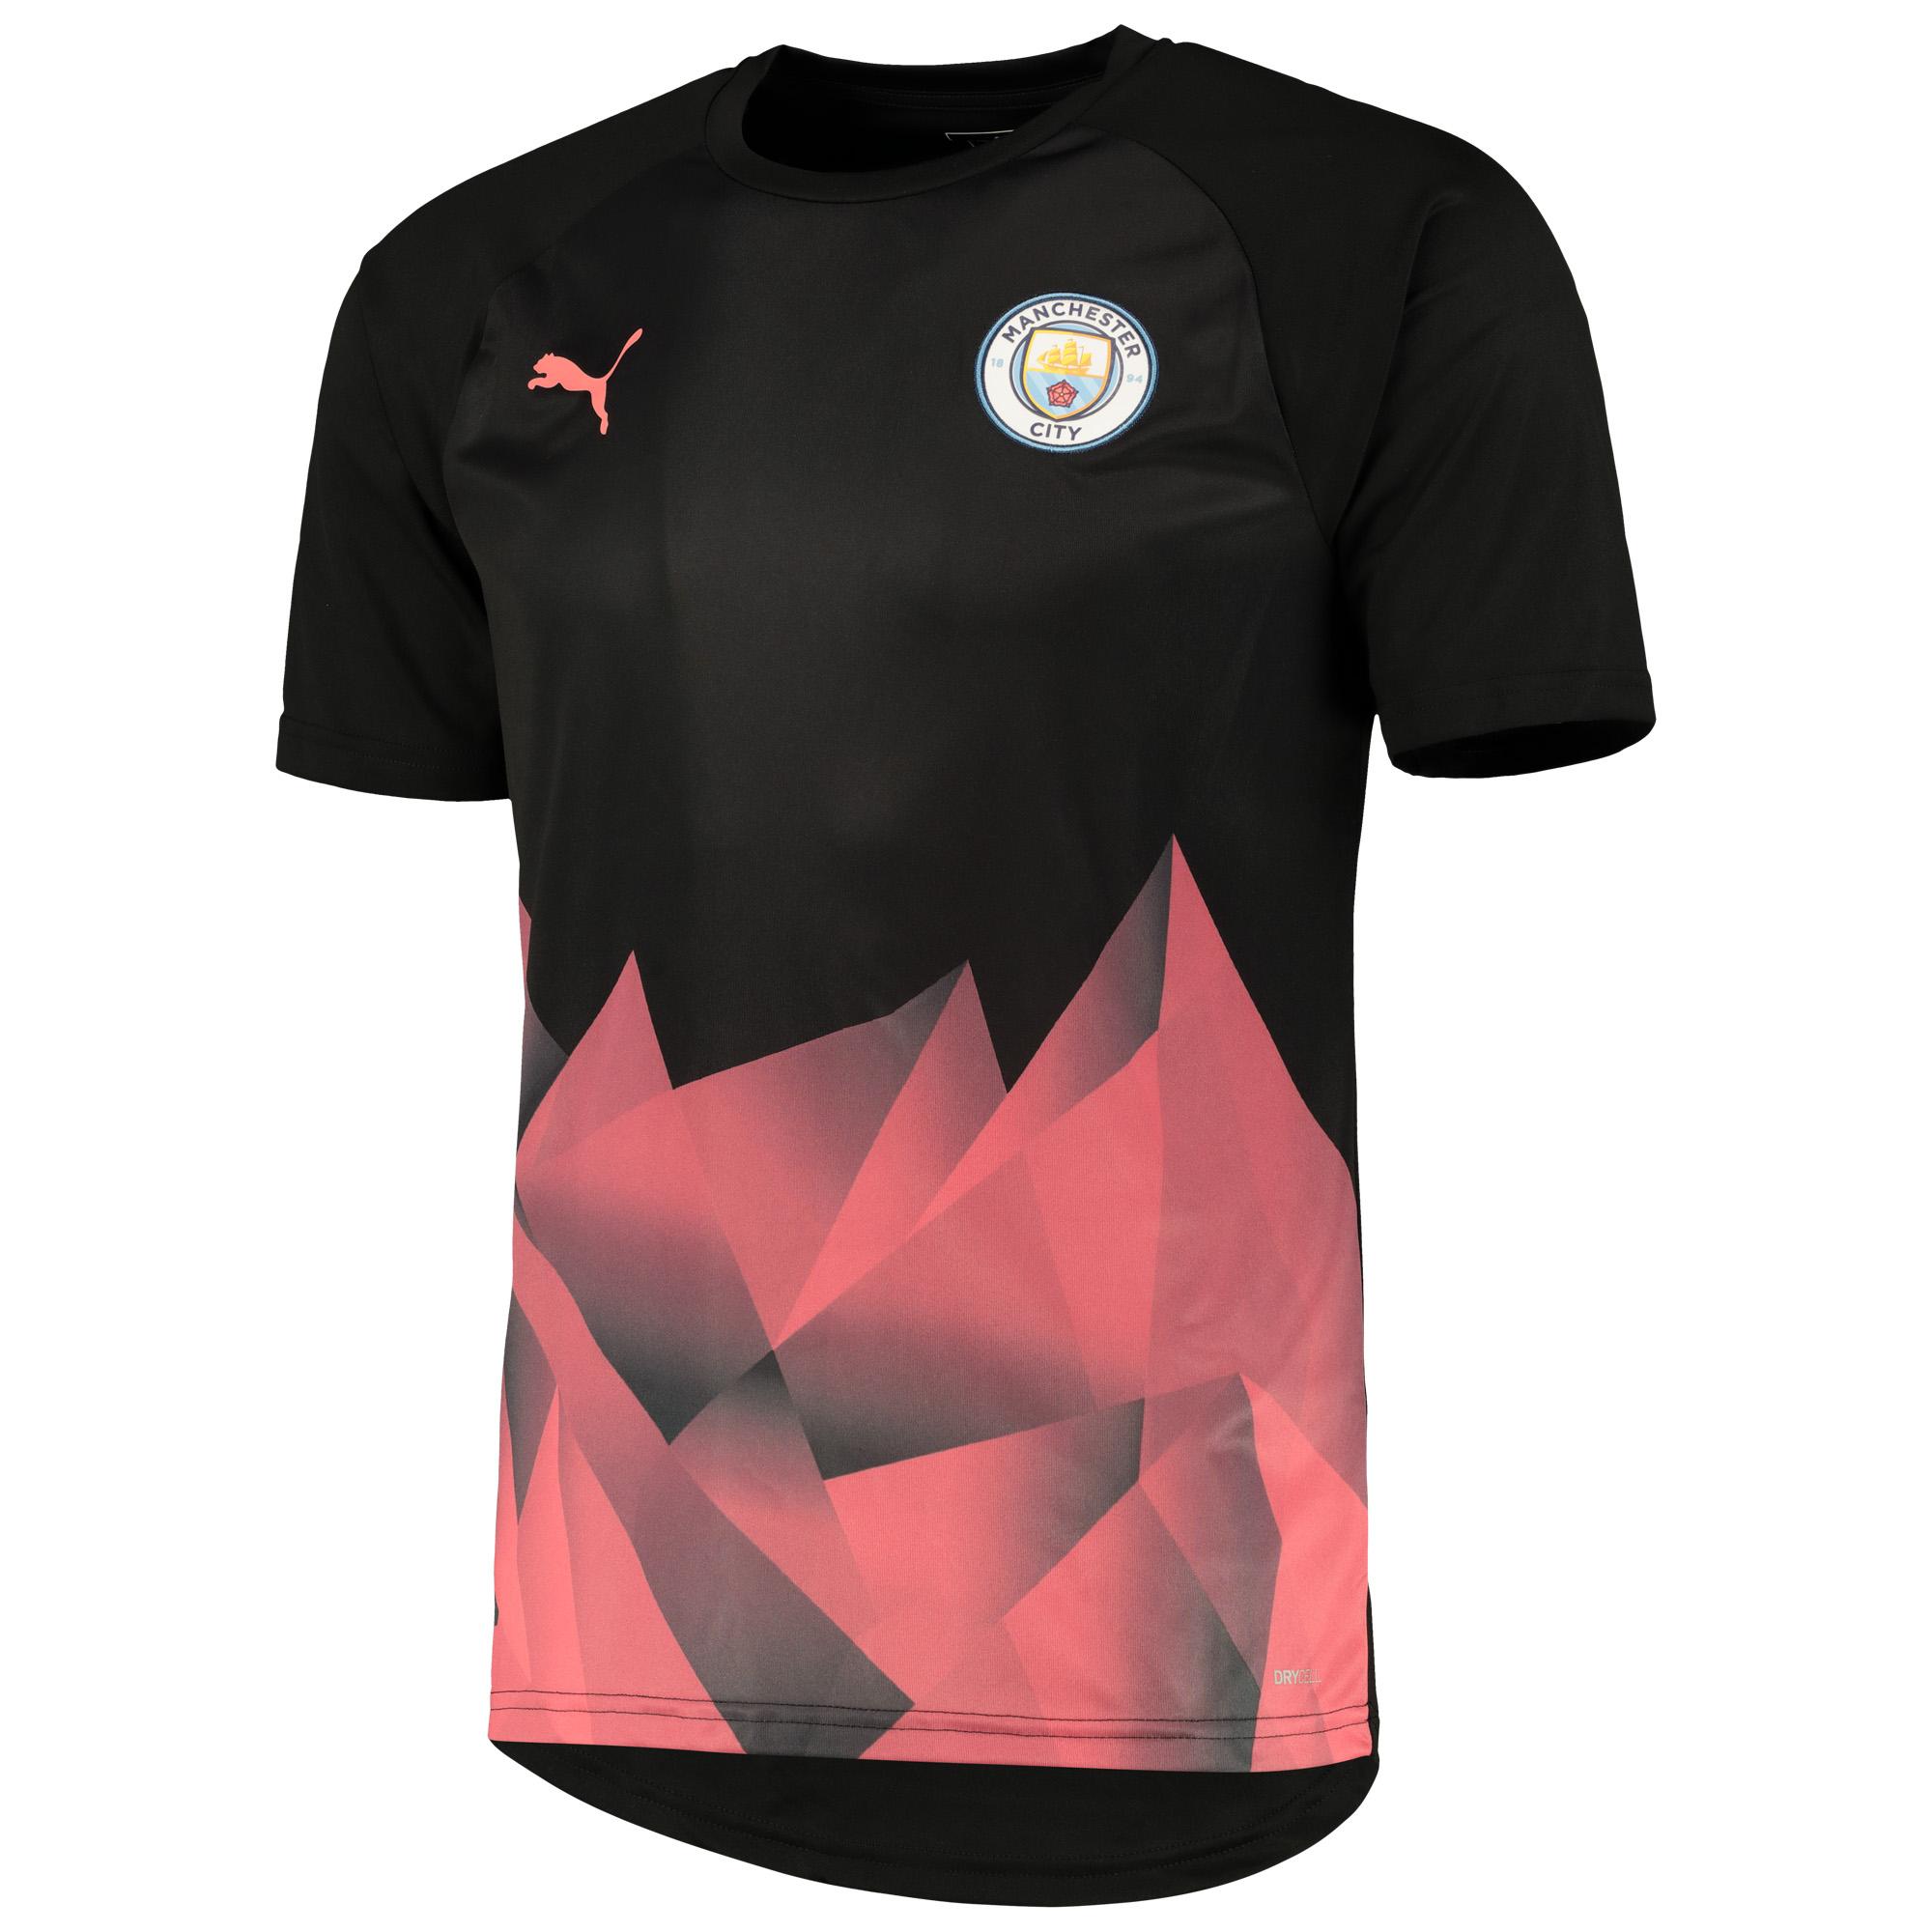 Jersey con el estadio del Manchester City - negro